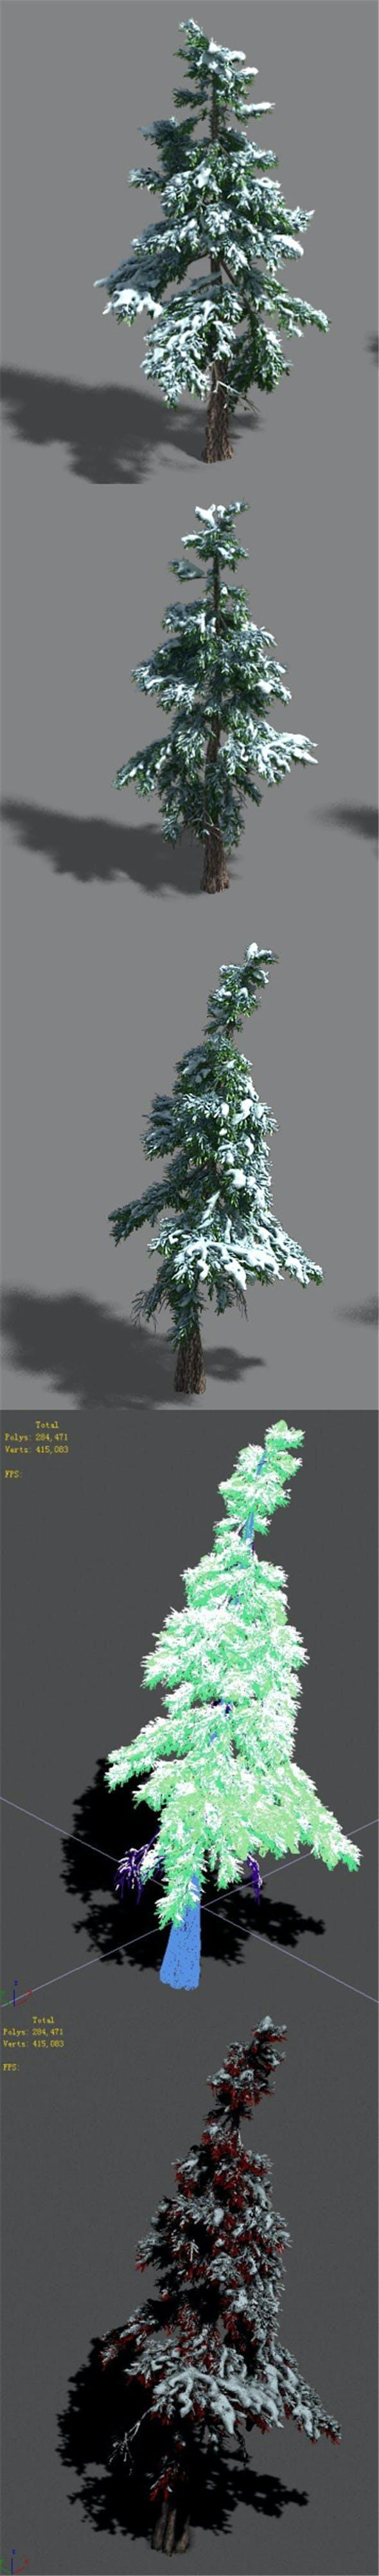 Ice and Snow - Cedar 01 - 3DOcean Item for Sale